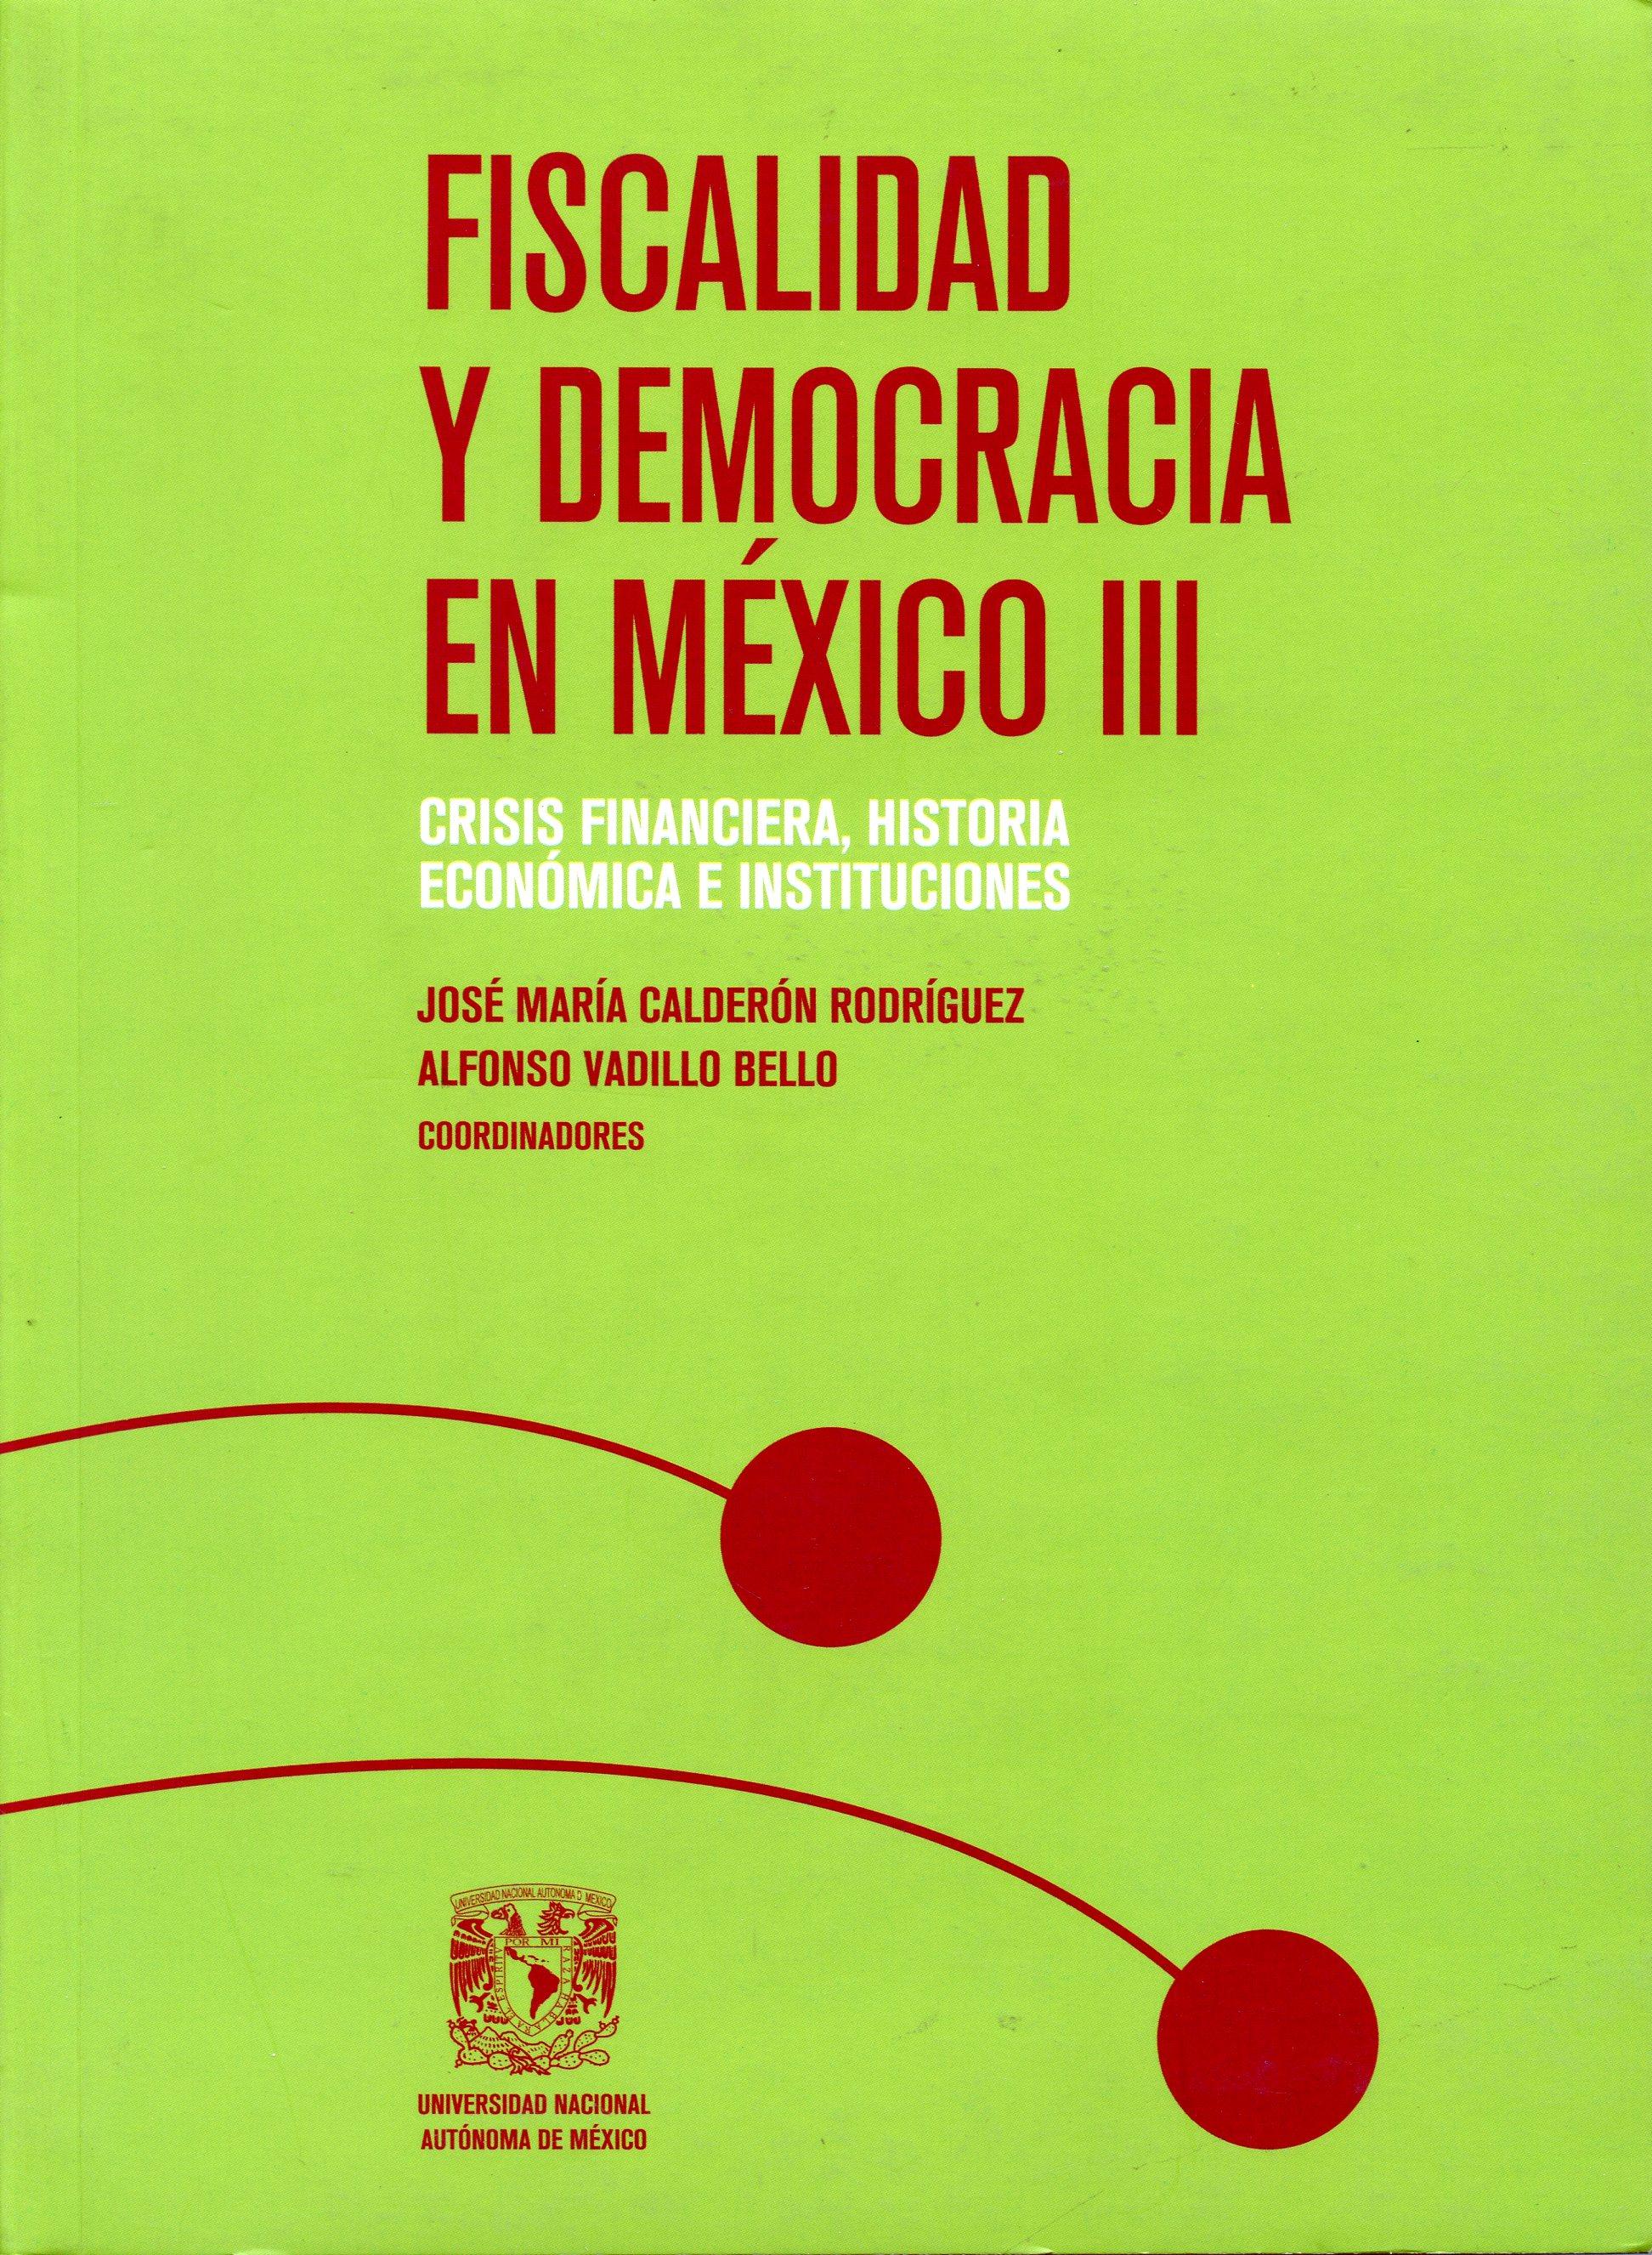 Fiscalidad y democracia en  México III. Crisis financiera, historia económica e instituciones